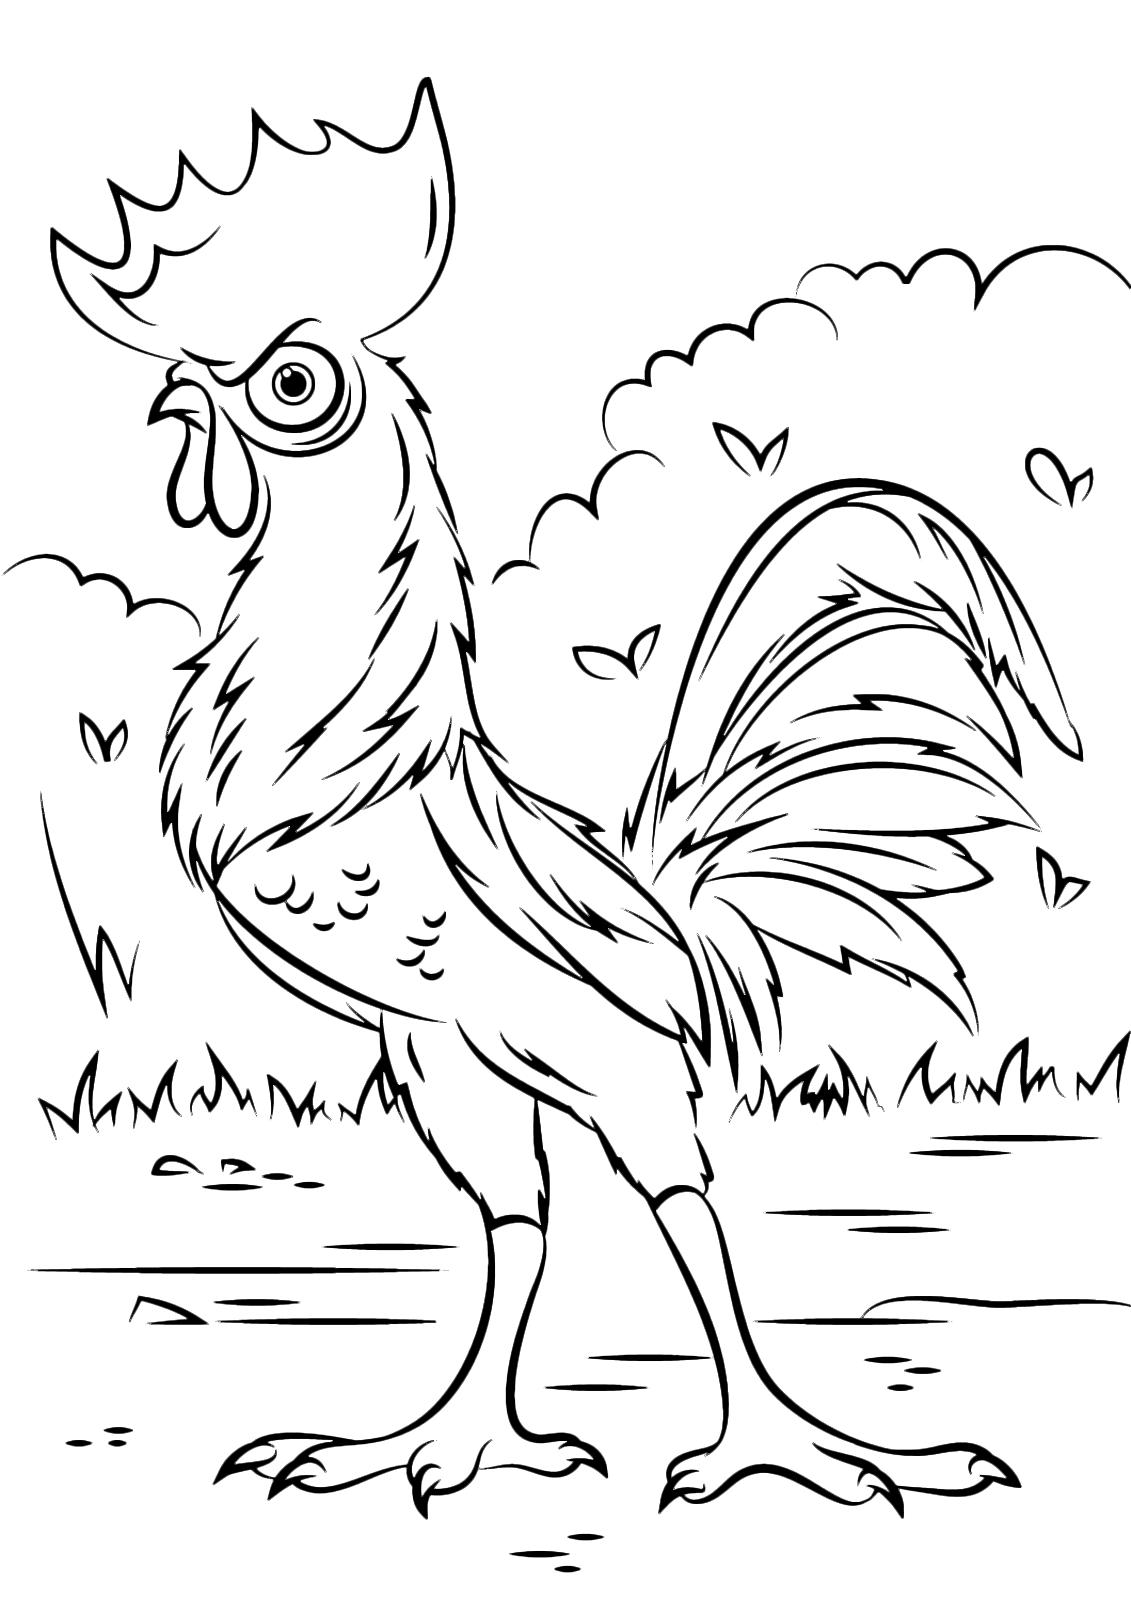 Oceania heihei il gallo clandestino compagno di viaggio di vaiana - Dessin vaiana a imprimer ...